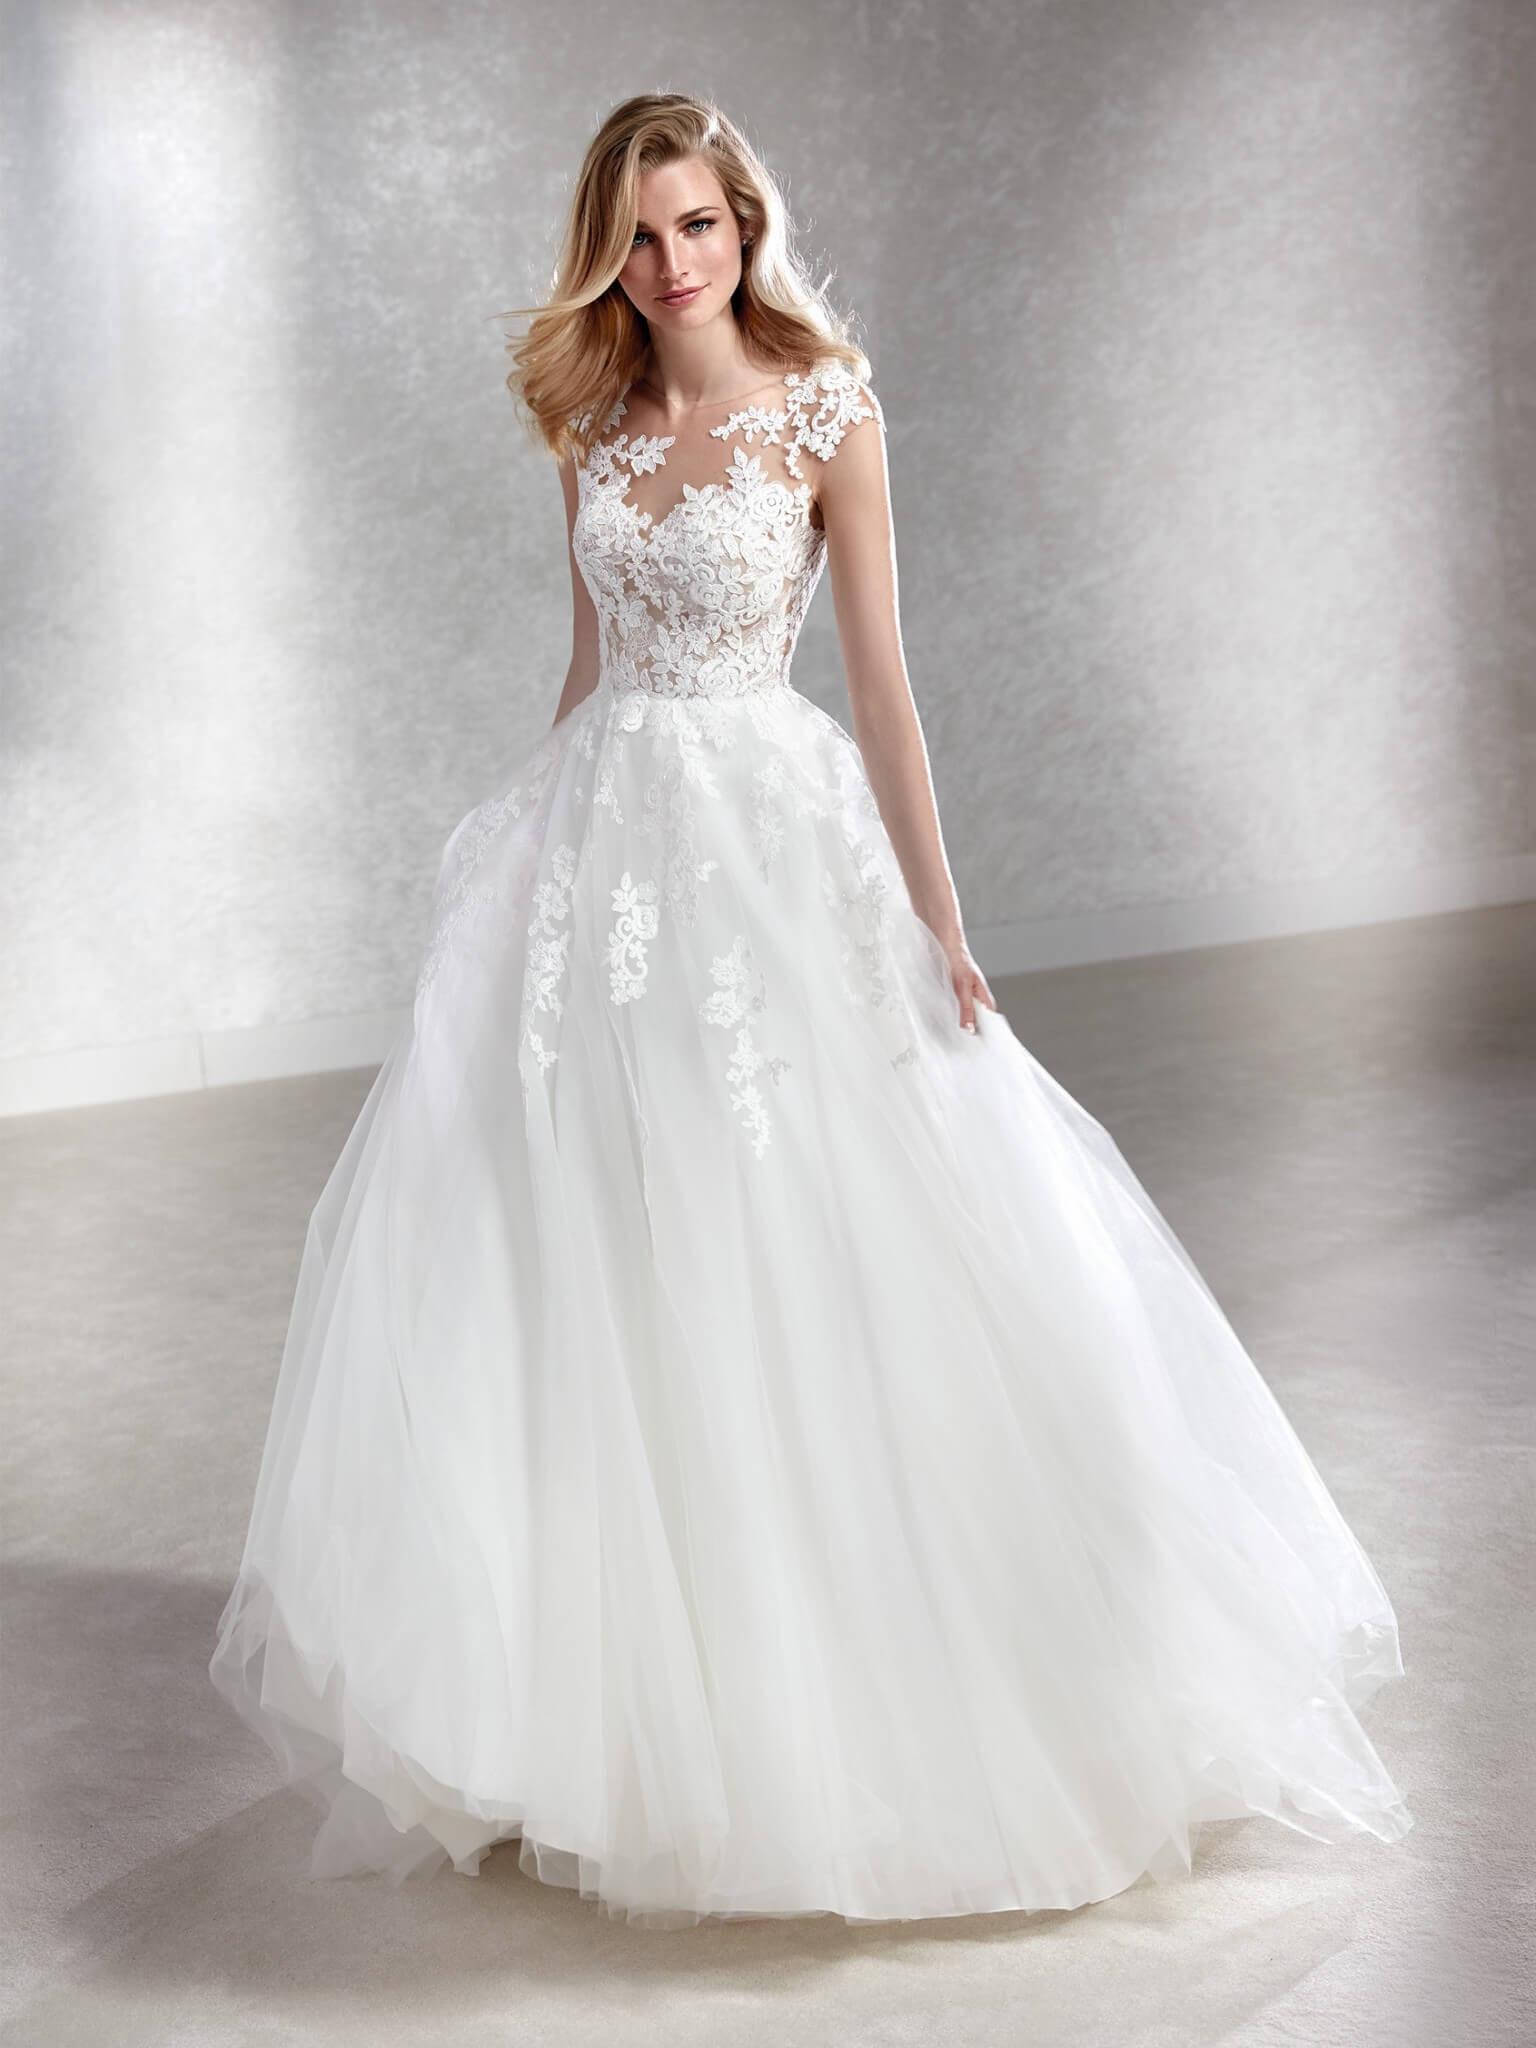 Hochzeitskleid M  Suknie Ślubne White one Salon sukien Ślubnych CLOO